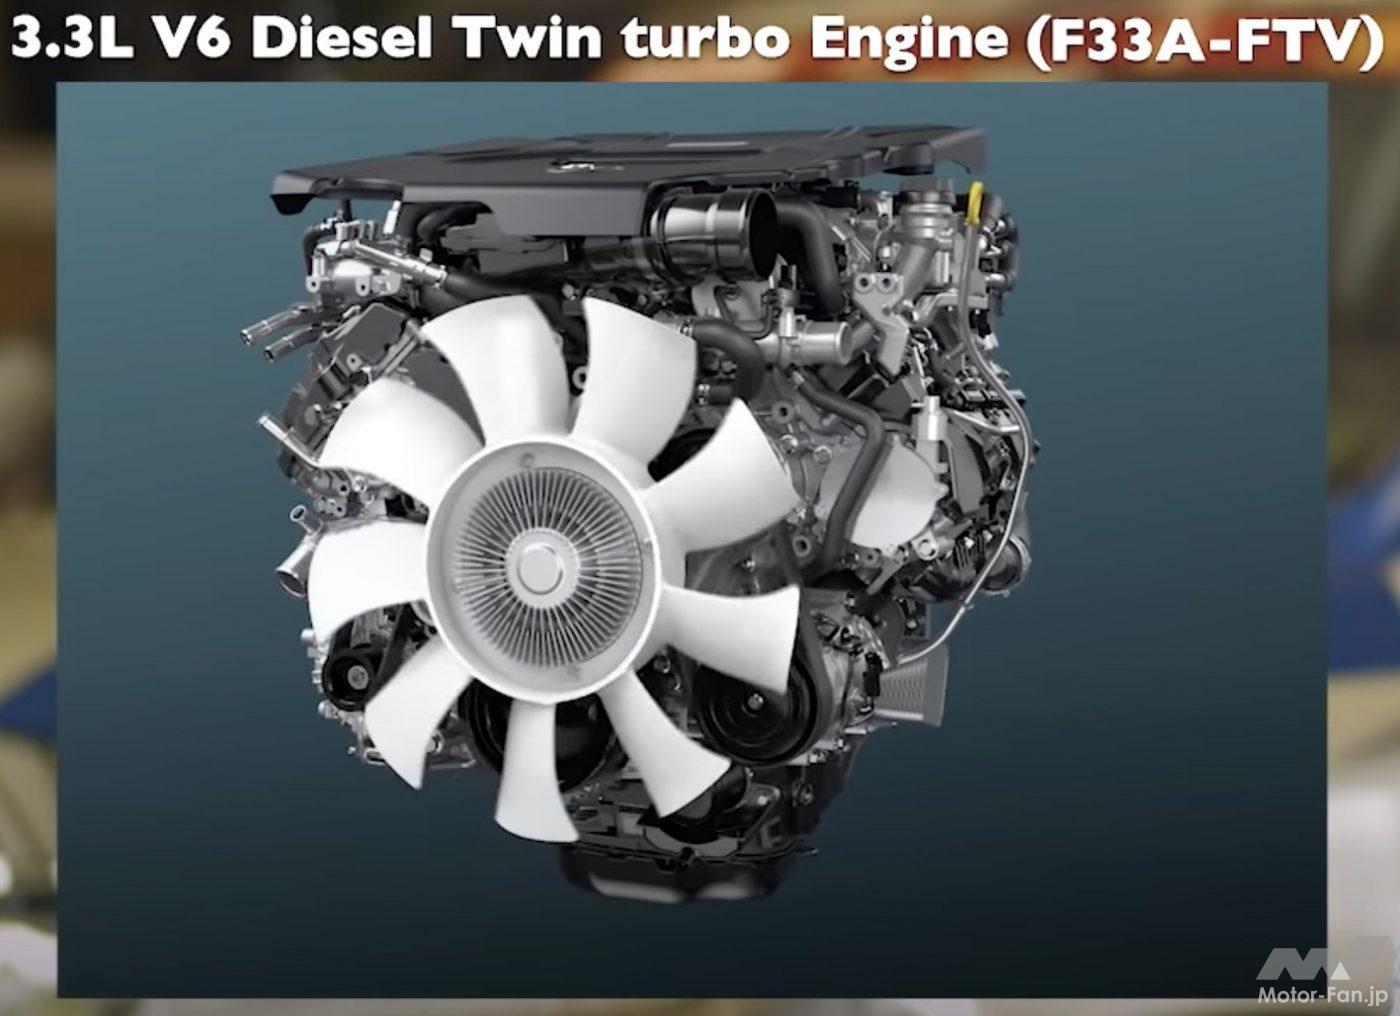 「間もなく日本デビュー! 新型トヨタ・ランドクルーザー(300系)完全新開発3.3ℓV6ディーゼルツインターボ【F33A-FTV】とはどんなエンジンになるか」の14枚目の画像